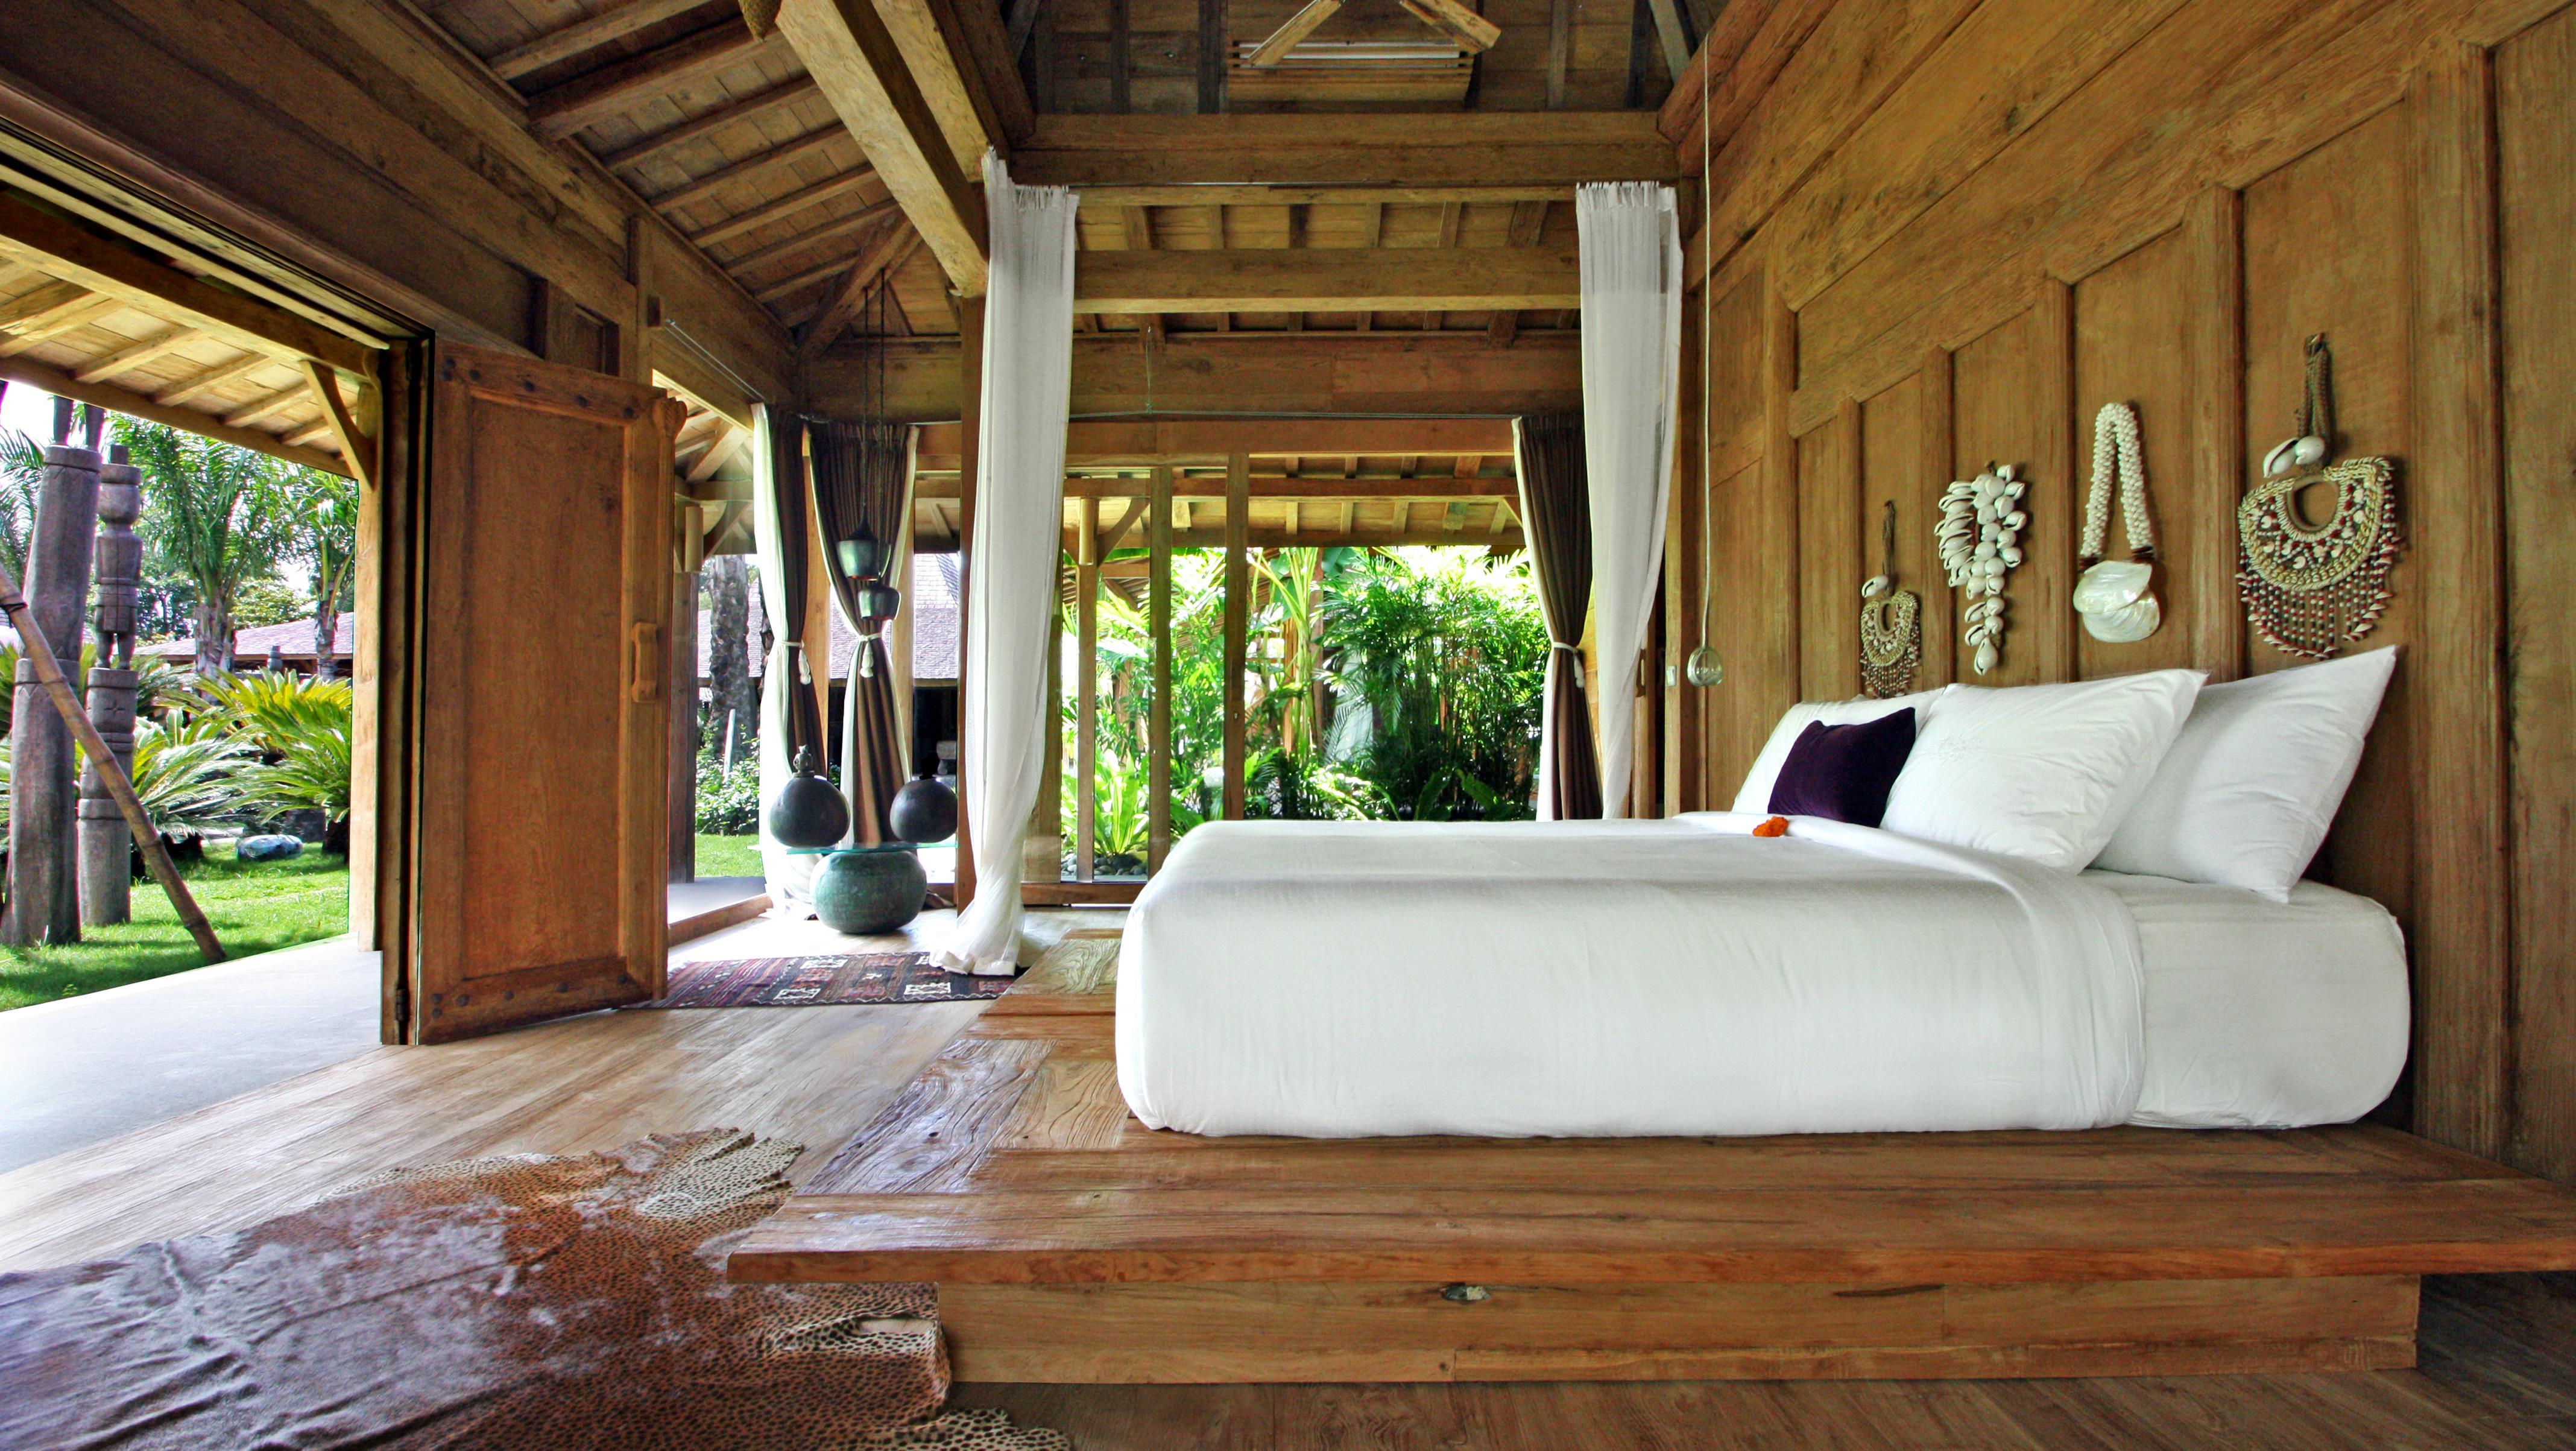 Bedroom with Garden View - Bali Ethnic Villa - Umalas, Bali